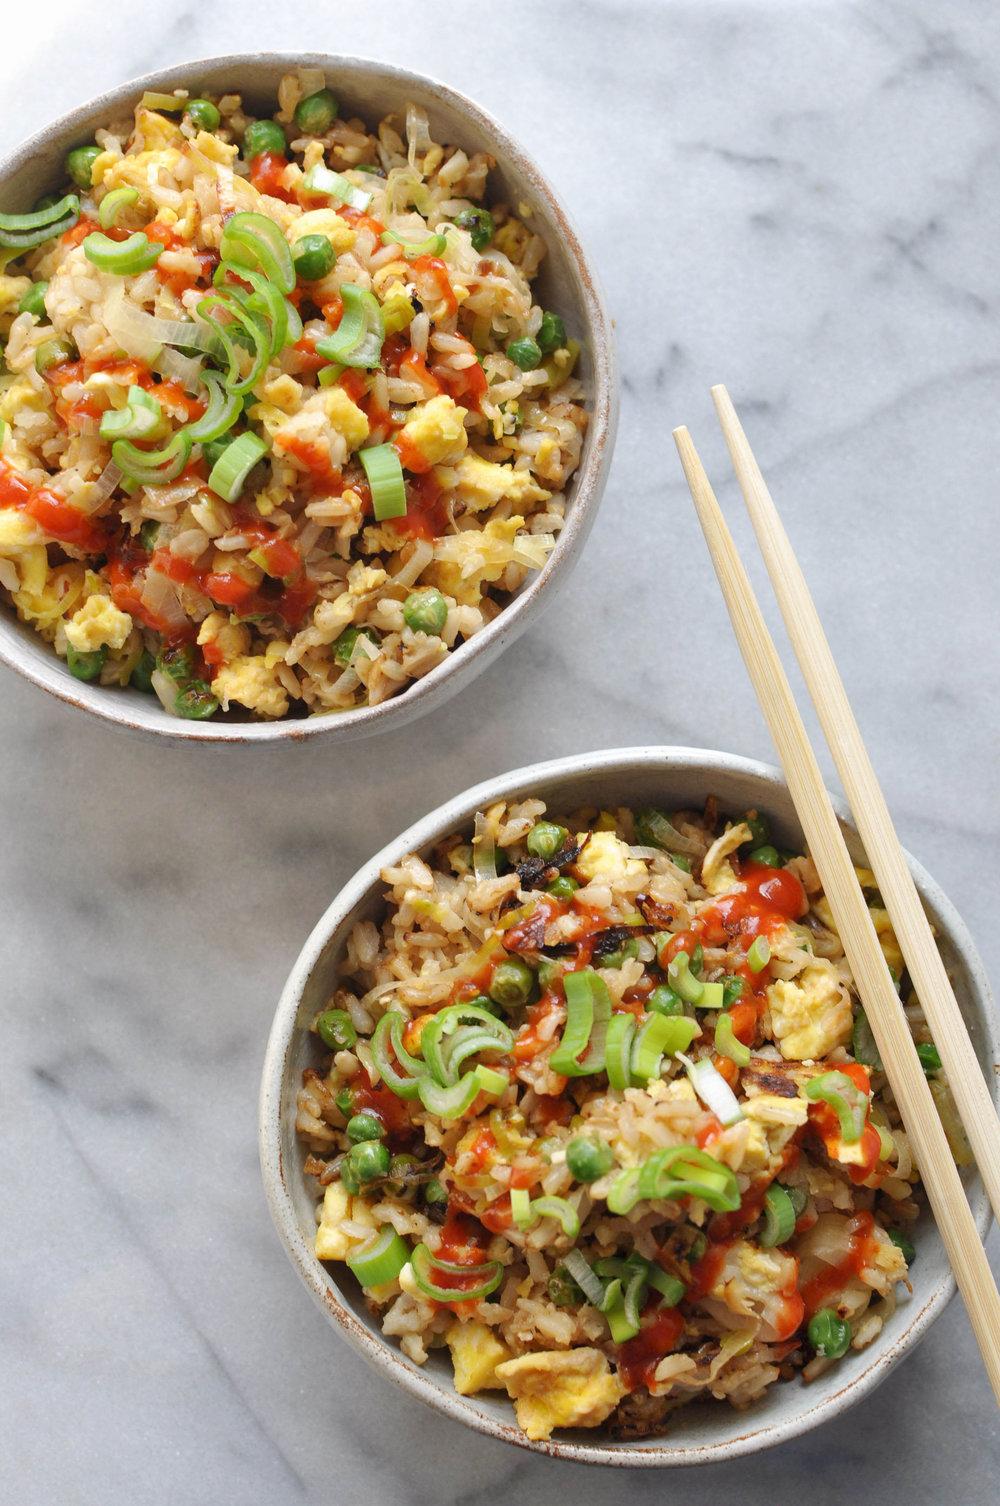 Leek & Pea Fried Rice. A vegetarian main dish | Shiny Happy Bright